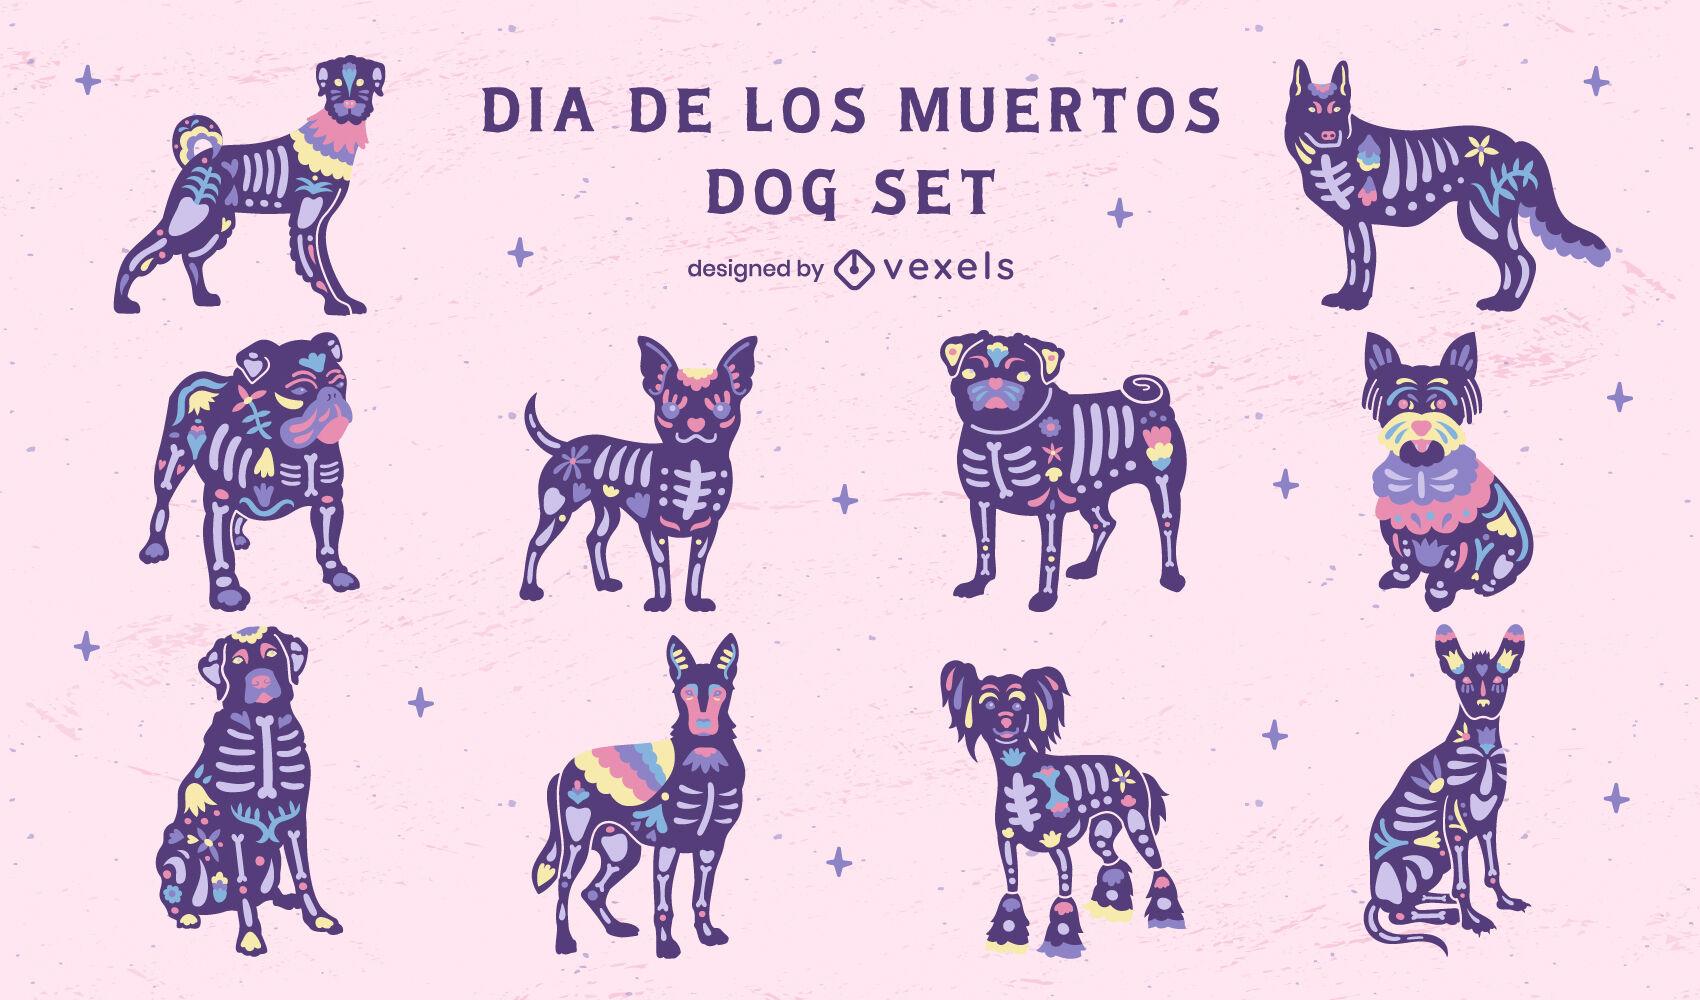 Conjunto de ilustrações do dia dos cães mortos